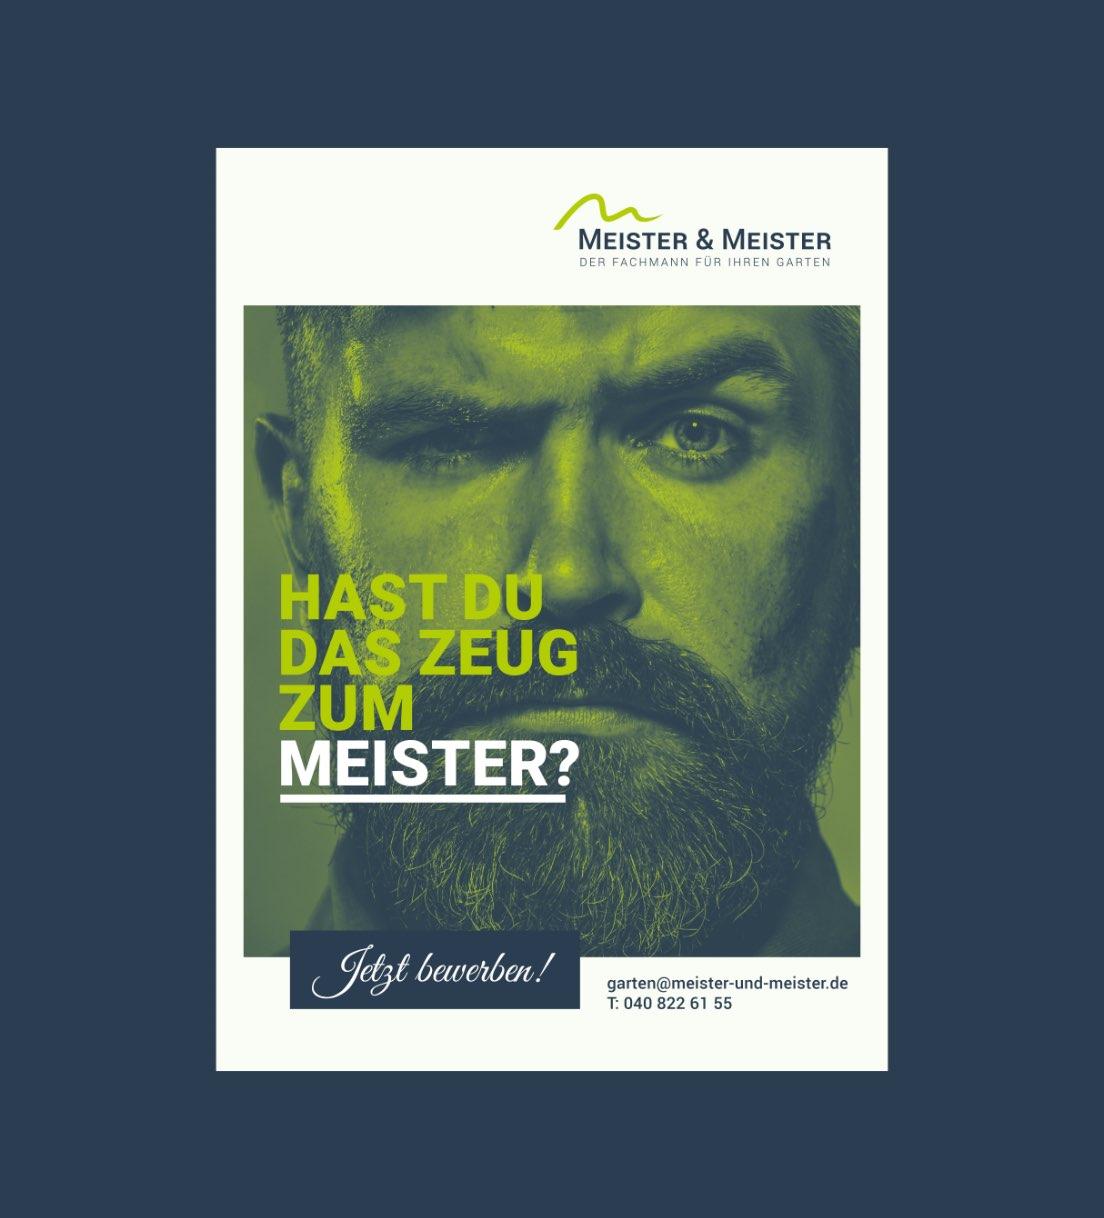 employer branding Meister